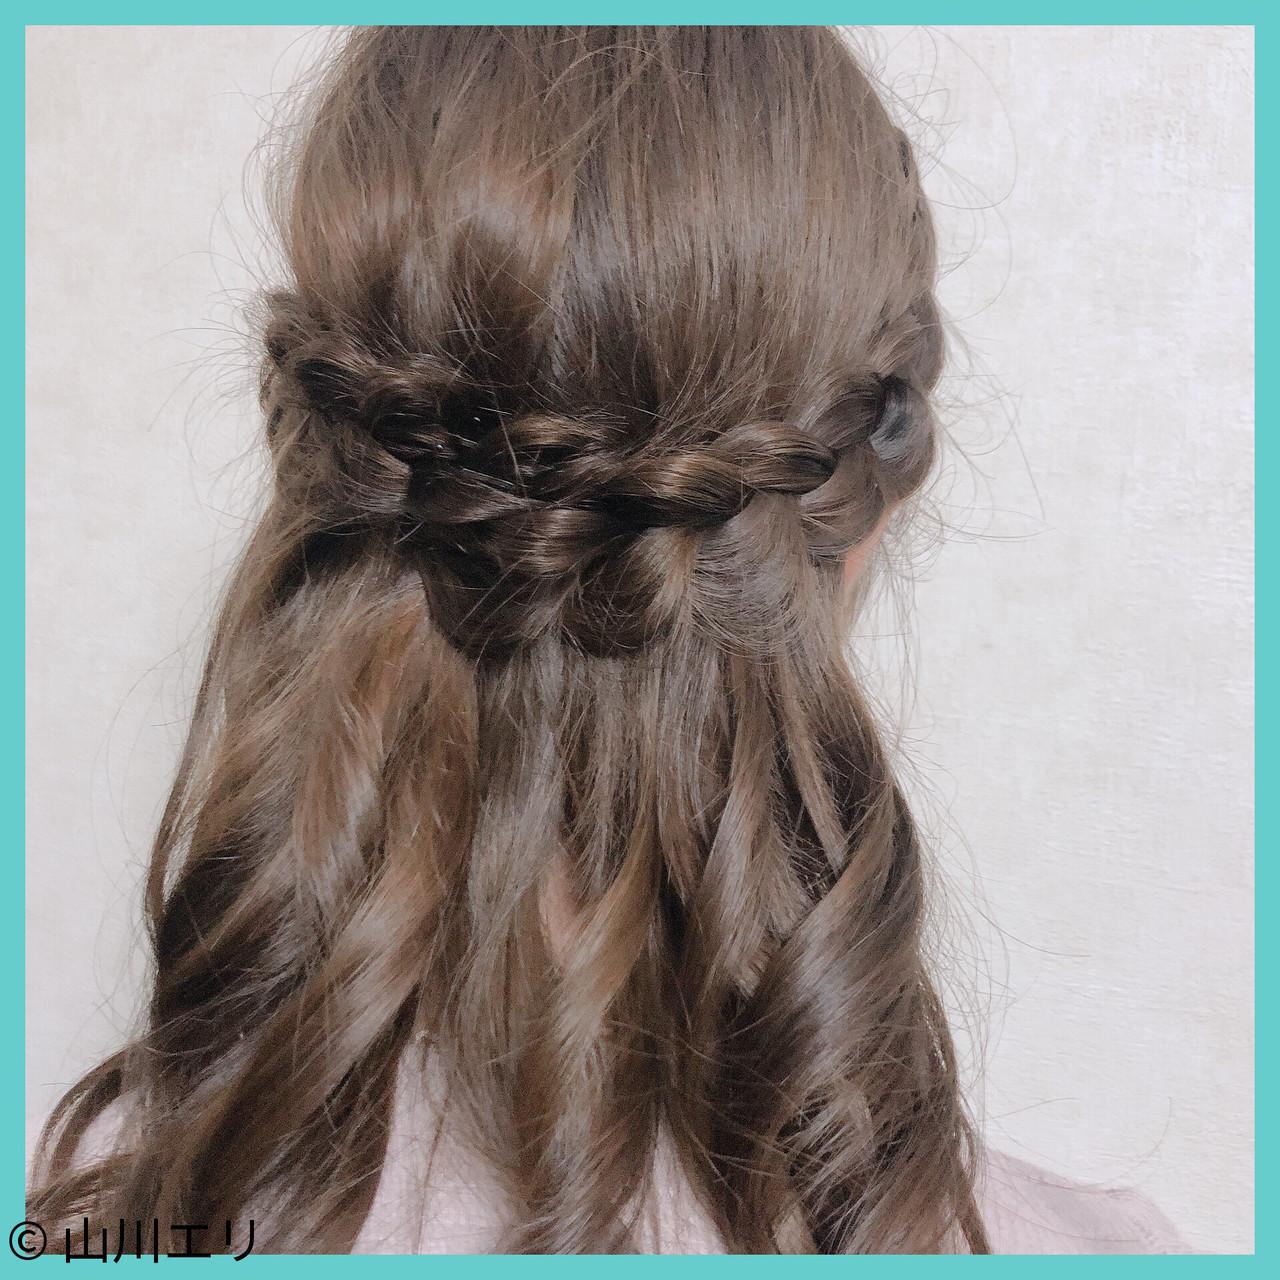 セミロング ブラウン エレガント 巻き髪 ヘアスタイルや髪型の写真・画像